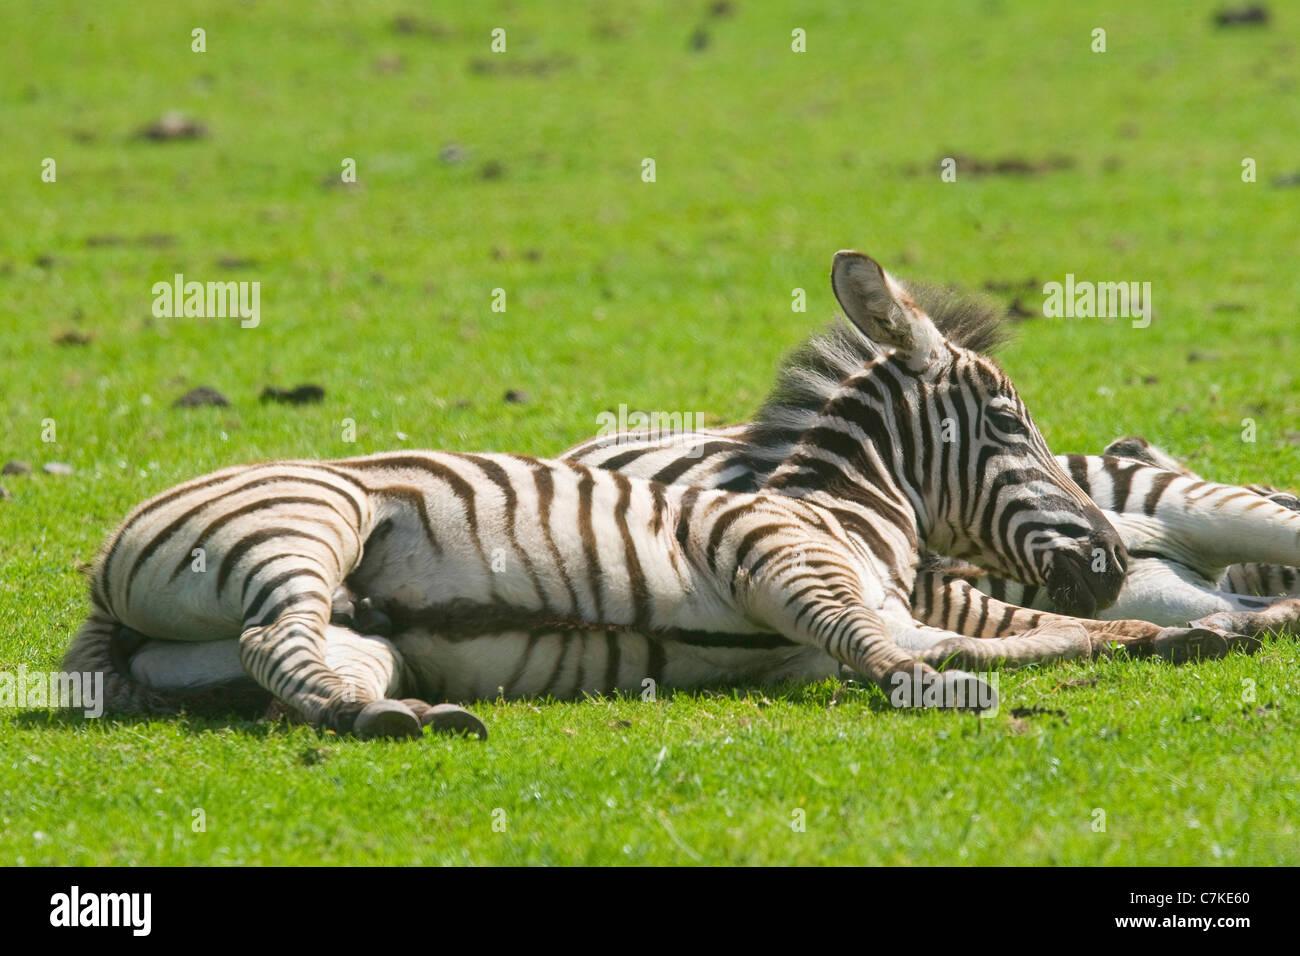 """Zebre il Safari Parc """"Le monde sauvage' in Ayvaille nelle Ardenne belghe. Immagini Stock"""